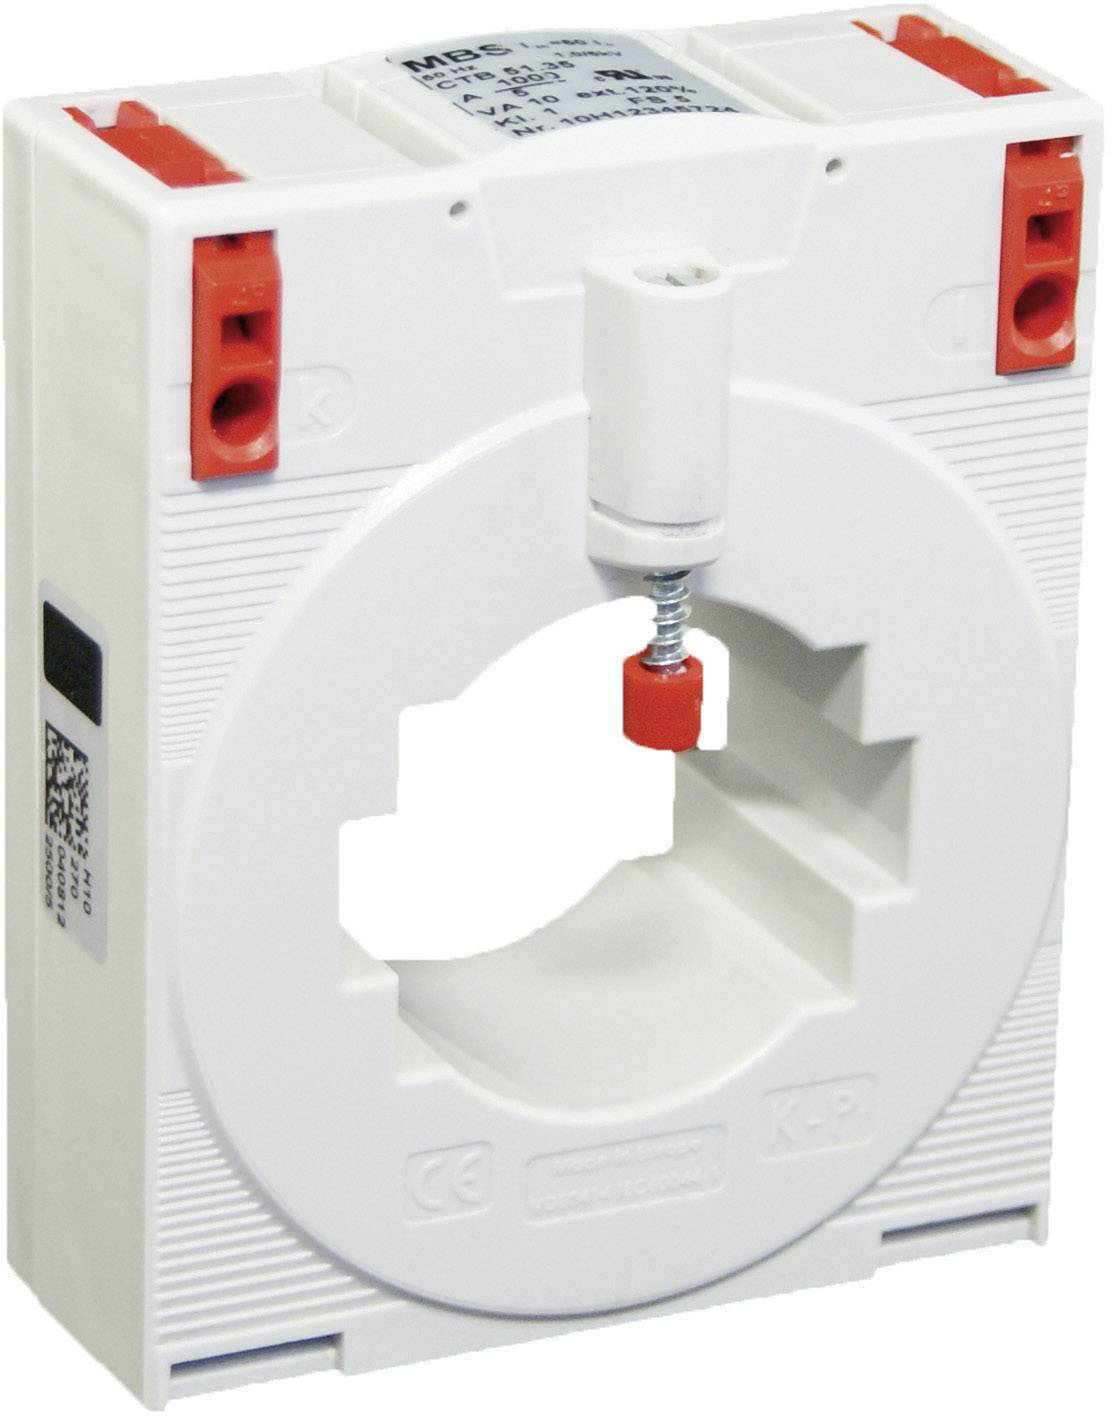 Zásuvný merací transformátor prúdu MBS CTB 51.35 100/5 A 1,25 VA Kl.1